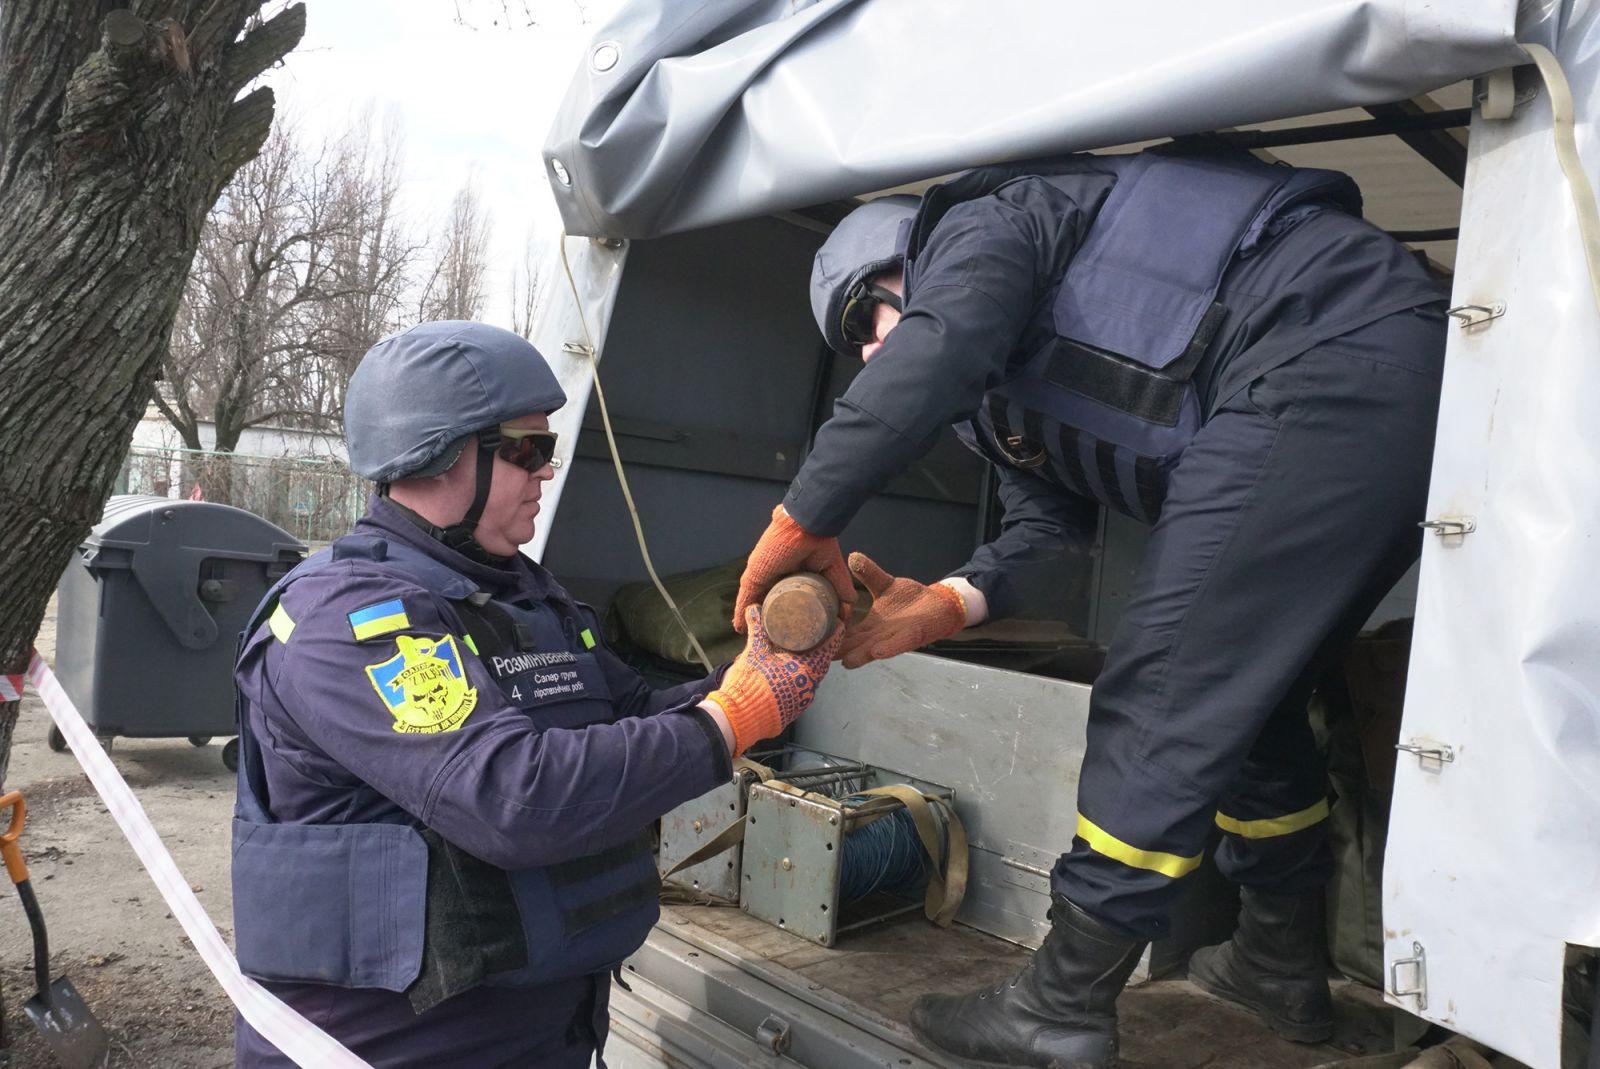 рятувальники розповіли подробиці про смертельну знахідку • Портал АНТІКОР